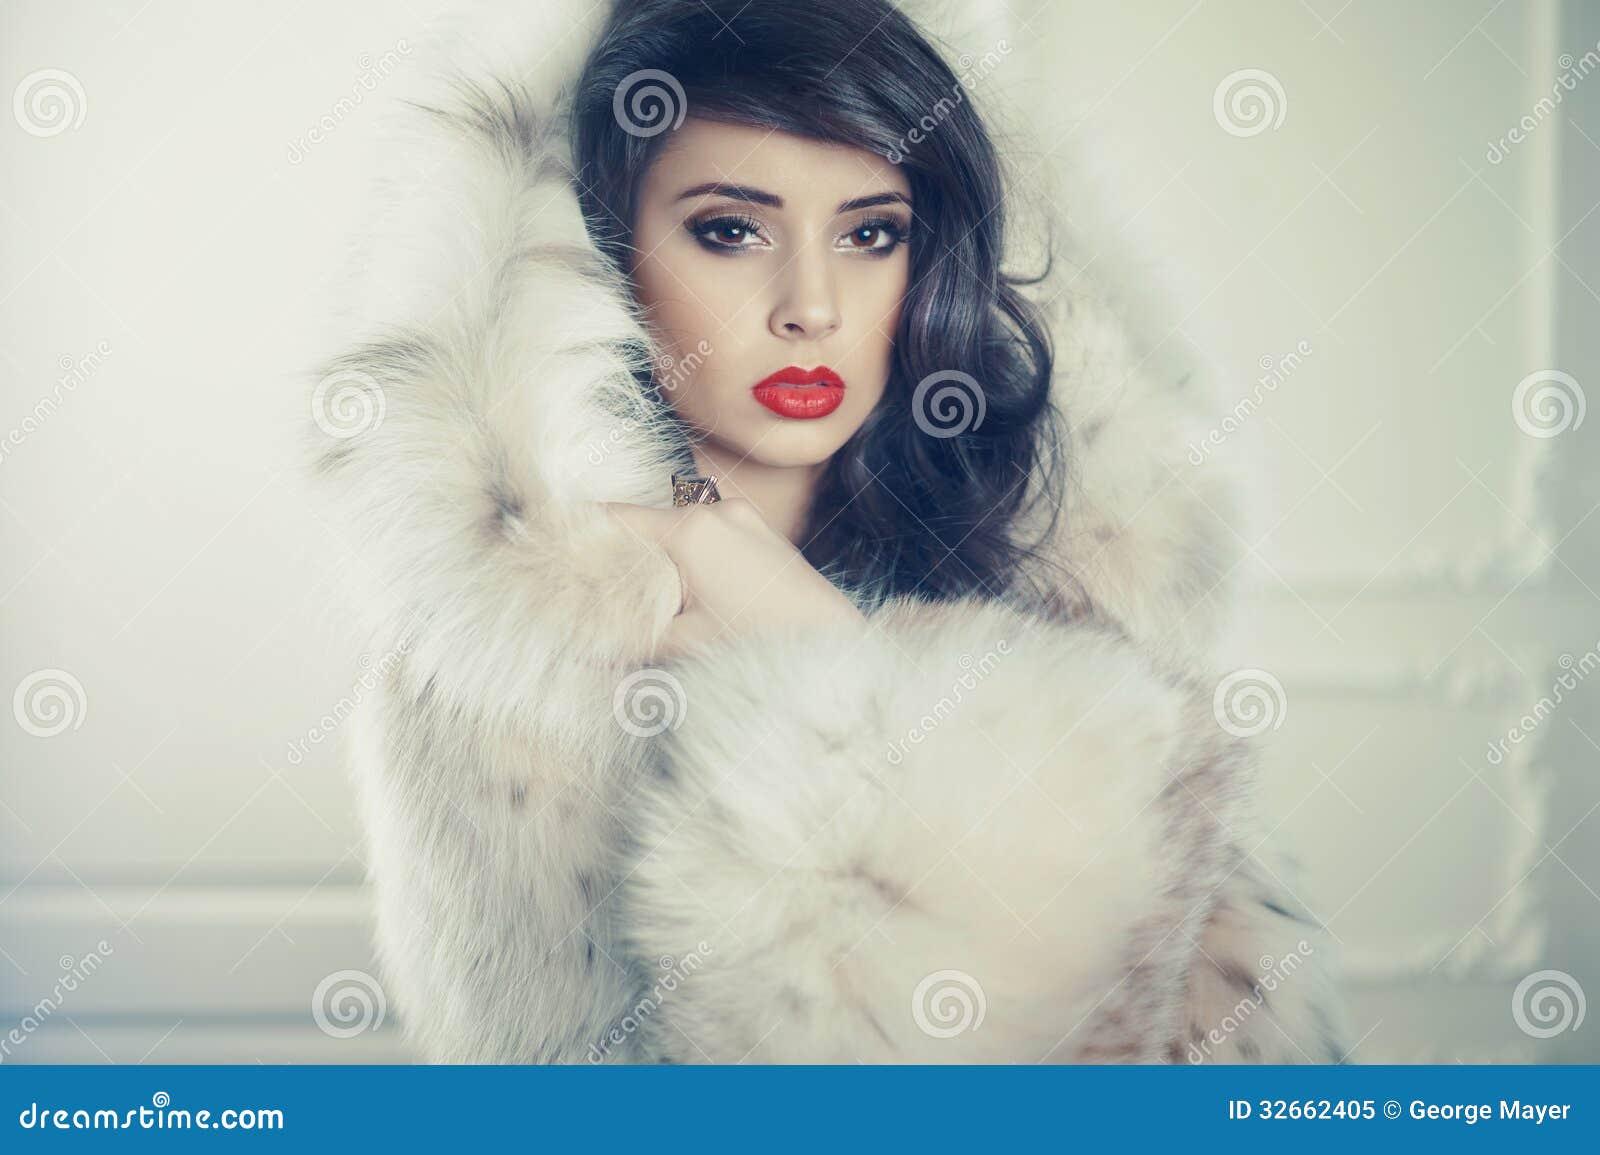 Роскошная молодая девушка 26 фотография